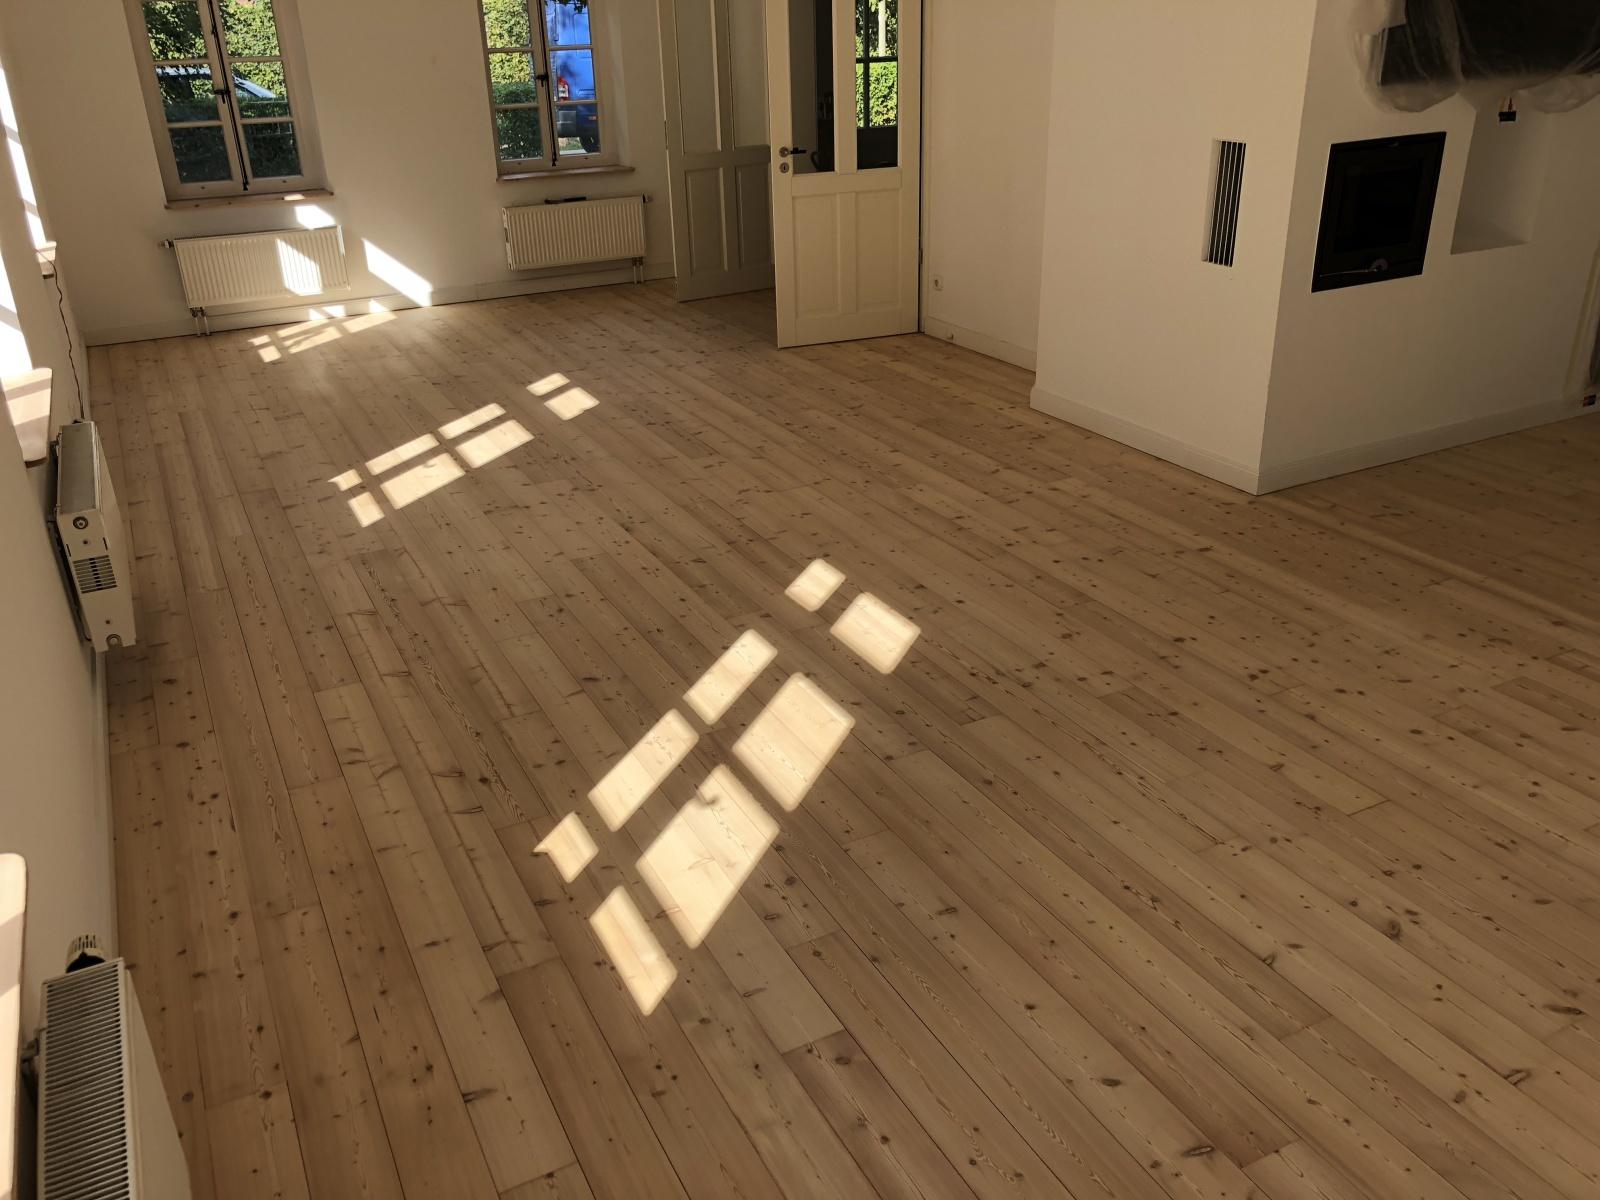 Fußboden Weiß Laugen ~ Lärche weiß gelaugt und farblos geseift